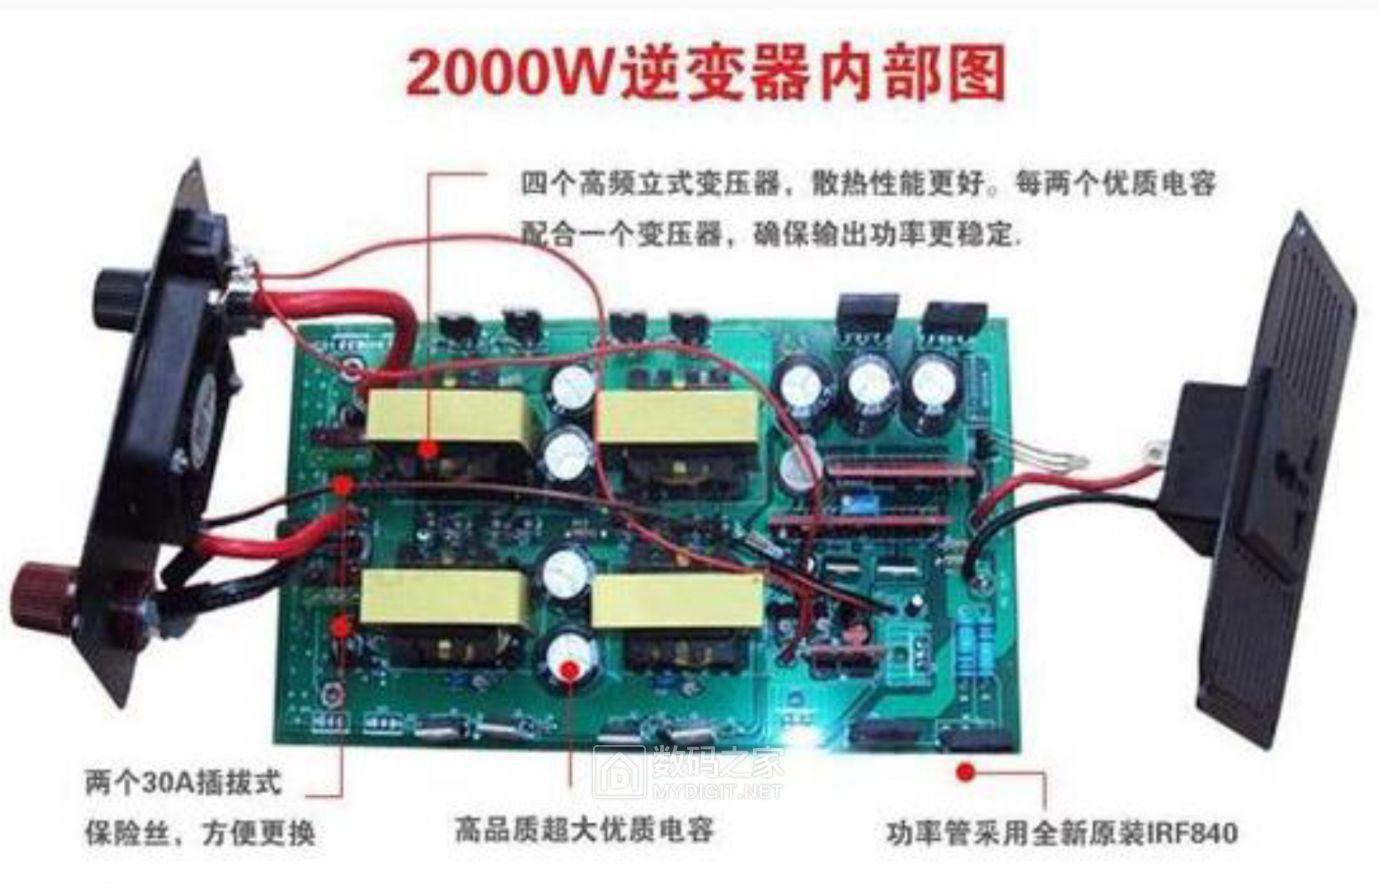 21借图1每两个优质电容配合一个变压器,什么鬼8个电容在哪.JPG